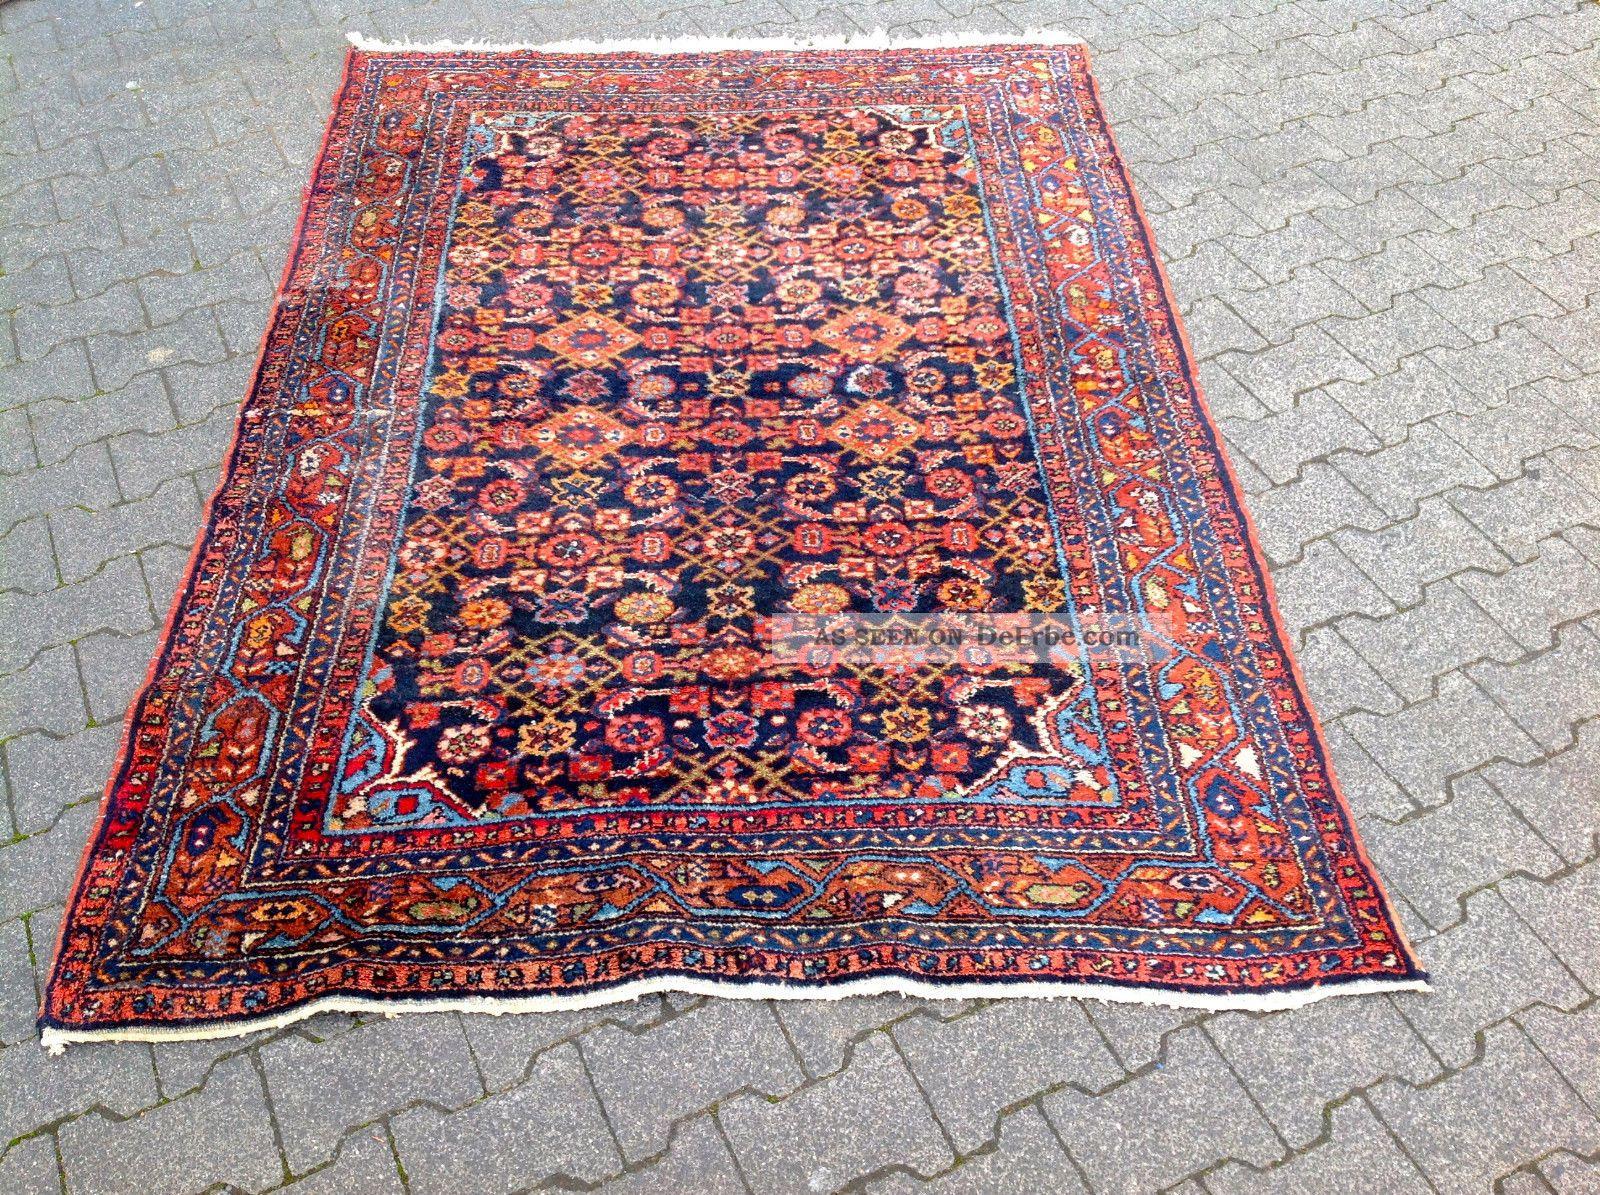 Perser teppich muster  Teppiche & Flachgewebe - Persische Teppiche - Antiquitäten